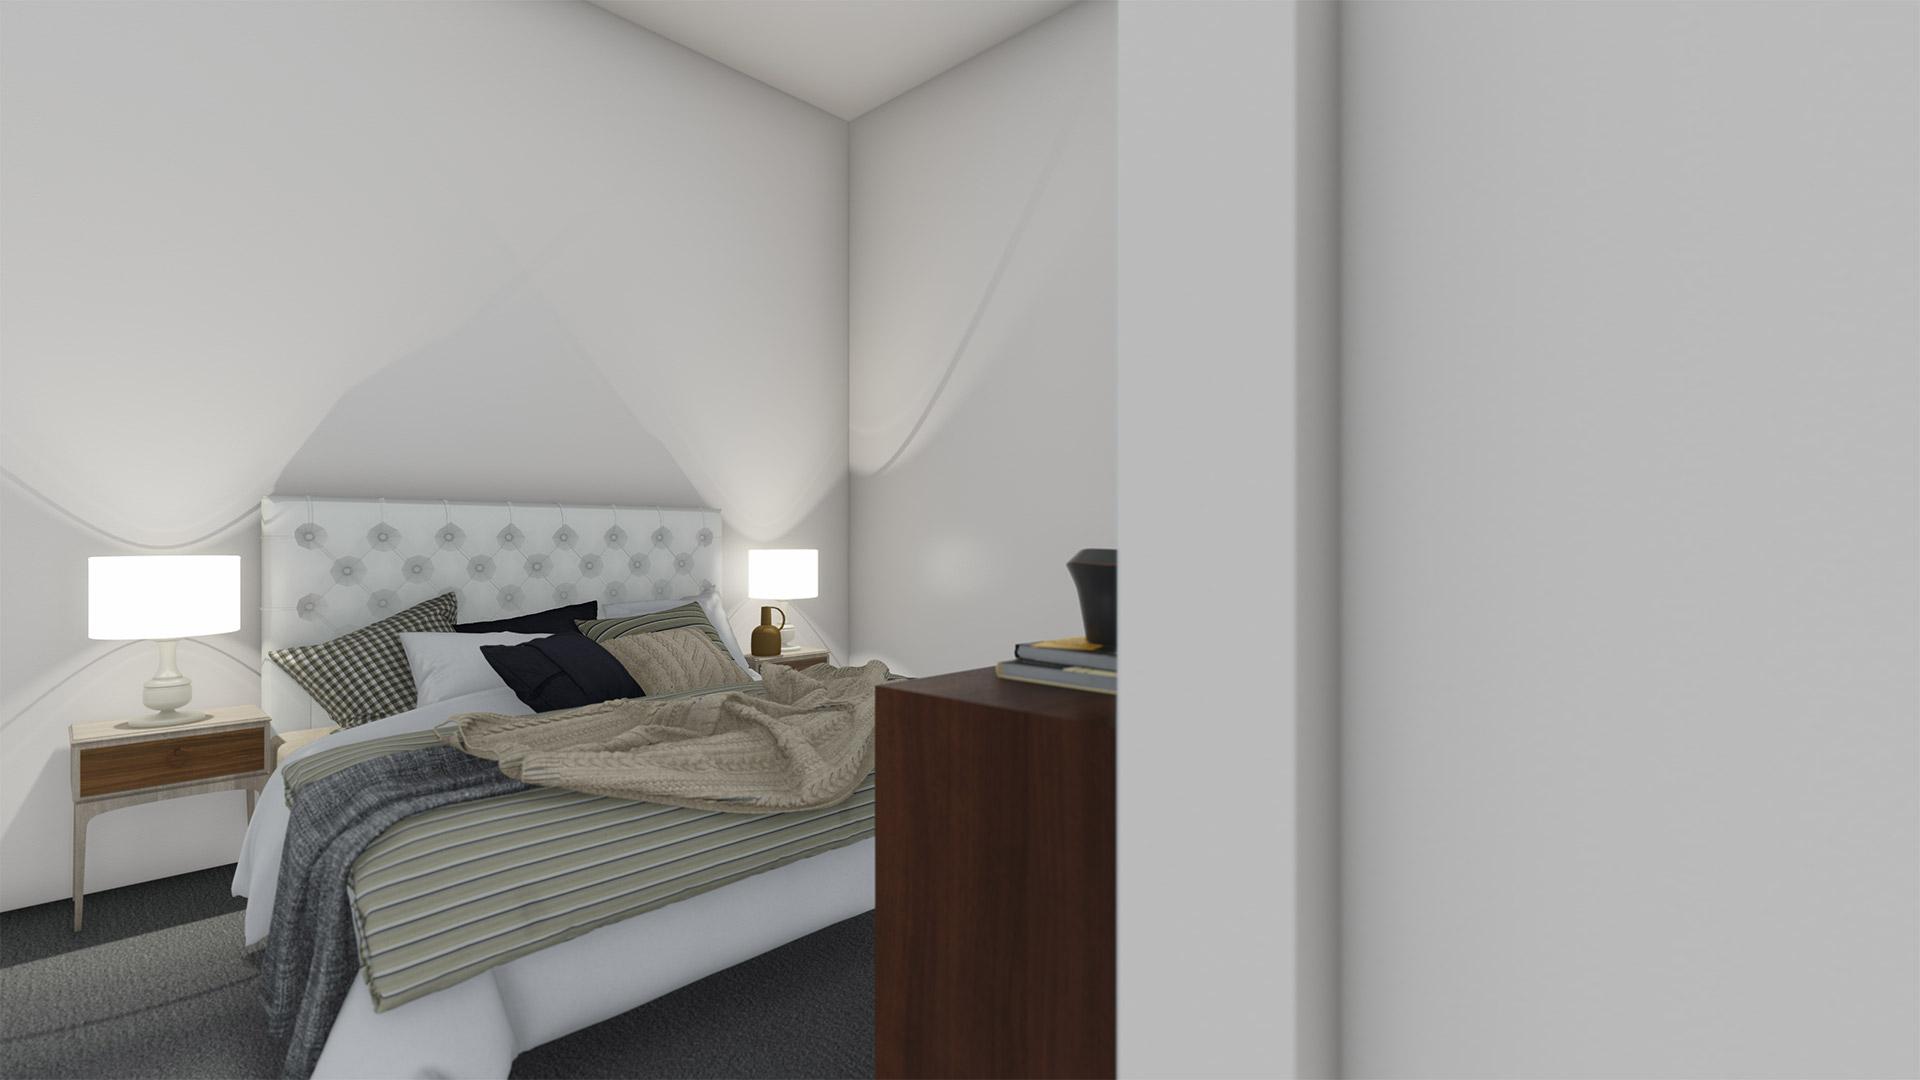 7hills-content-bg-interior-3